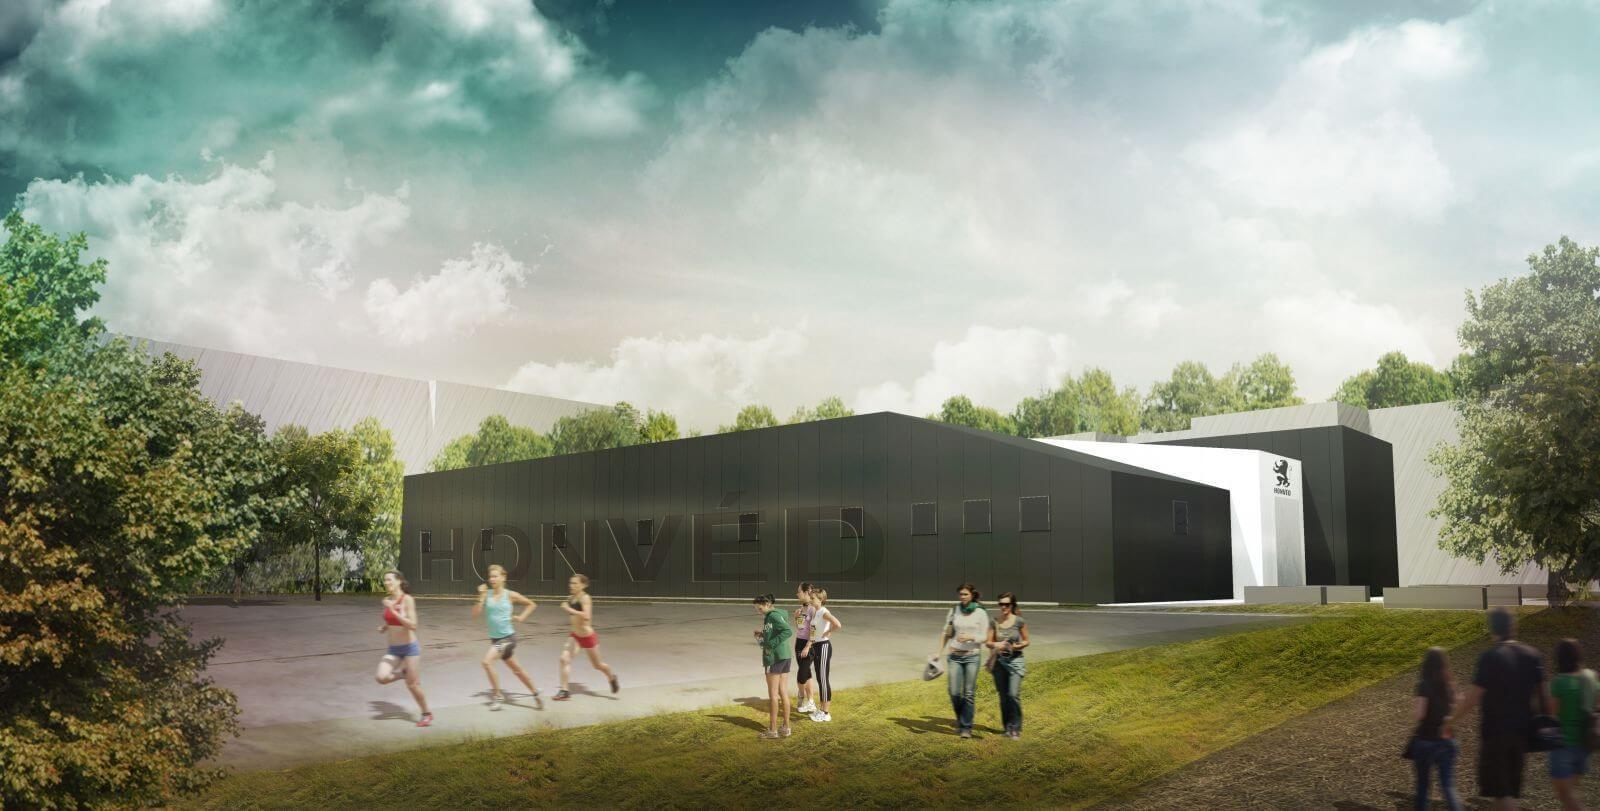 Új vívócsarnokot kap a Budapesti Honvéd Sportegyesület